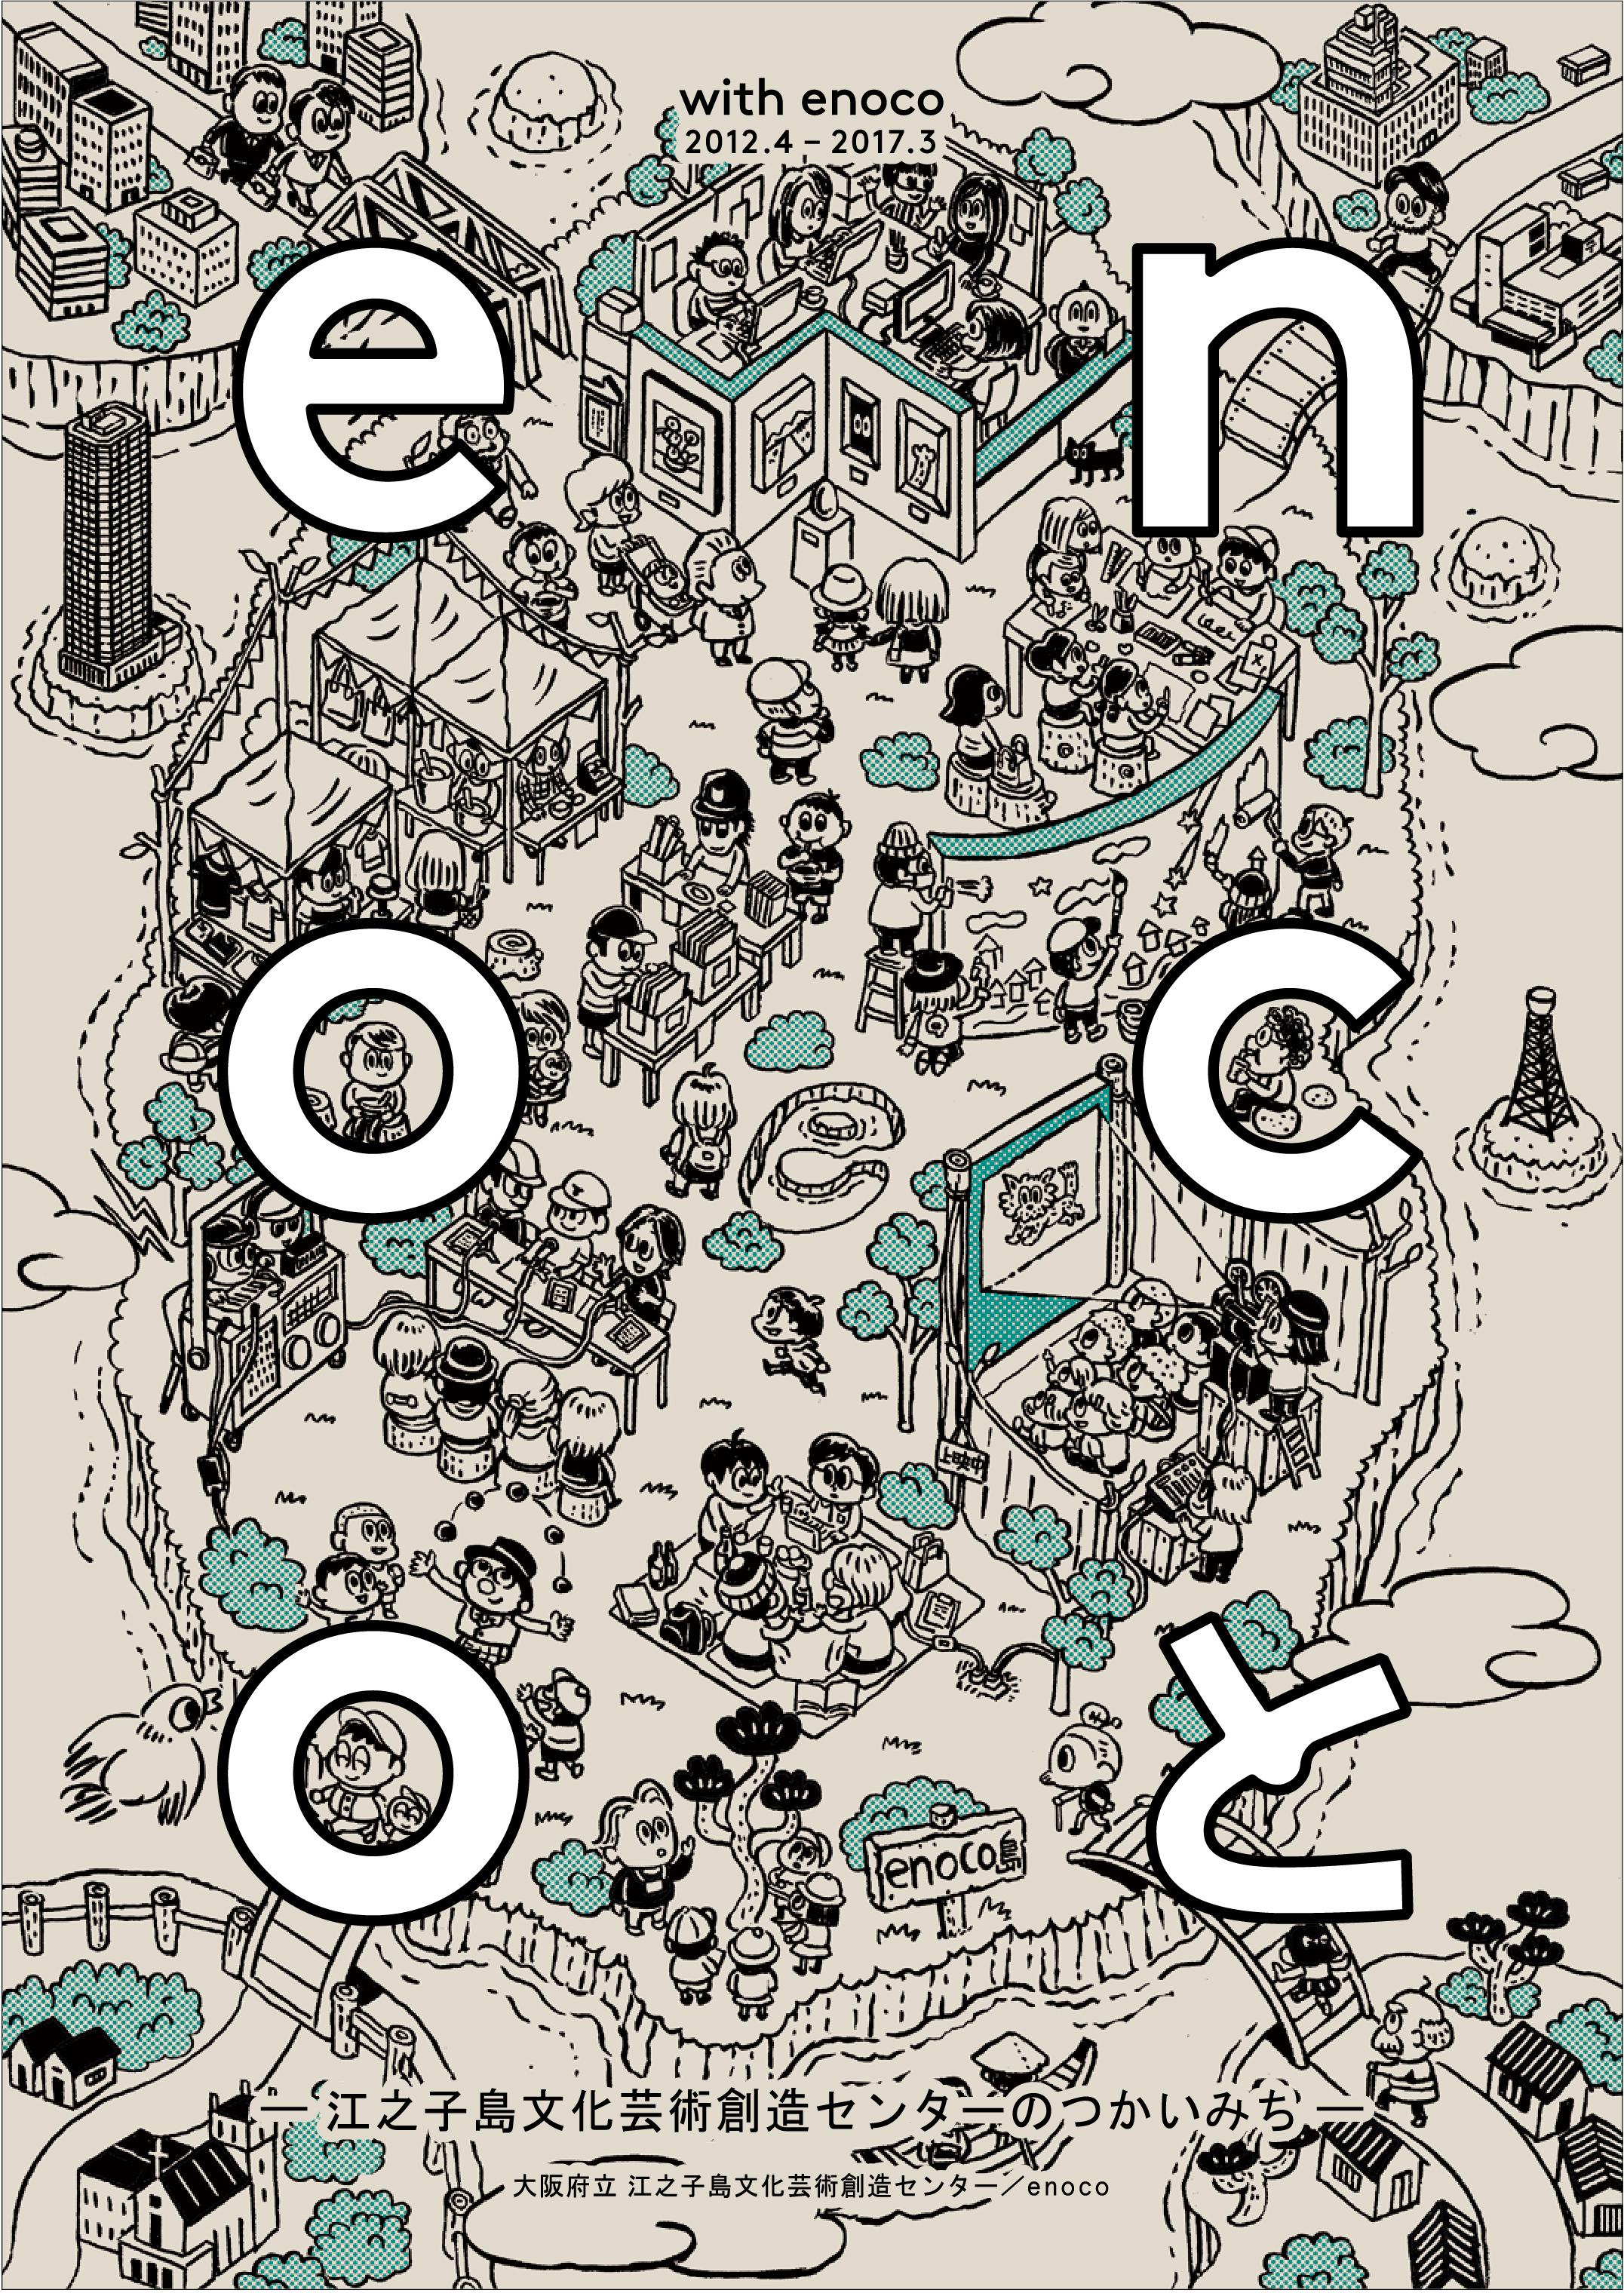 ドキュメントブック「enocoとー江之子島文化芸術創造センターのつかい ...